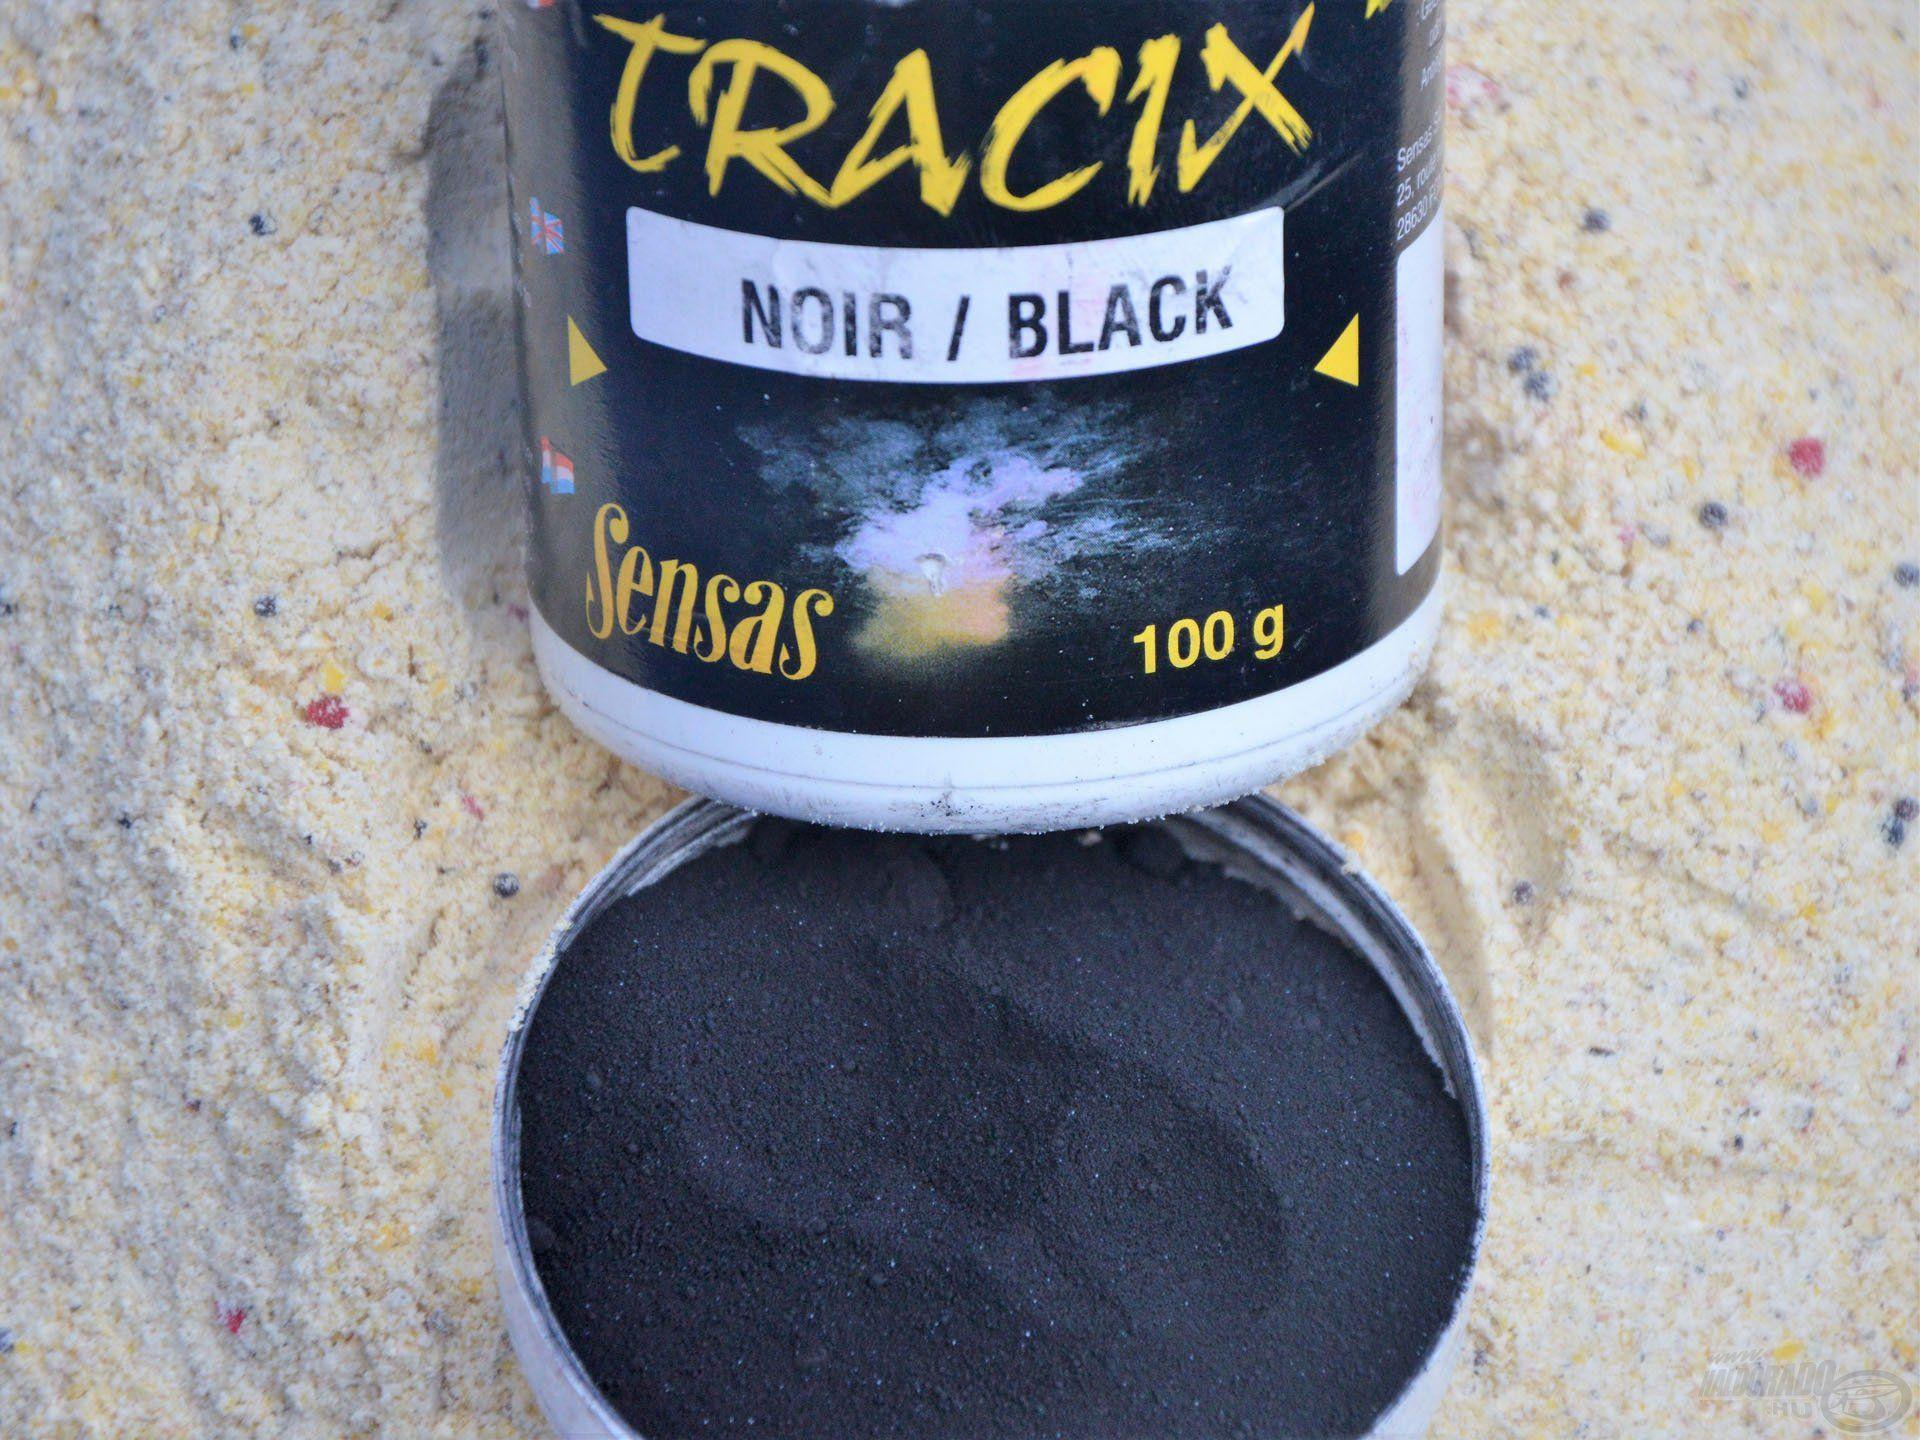 A Sensas Tracix fekete festékport főleg a versenyhorgászok használják